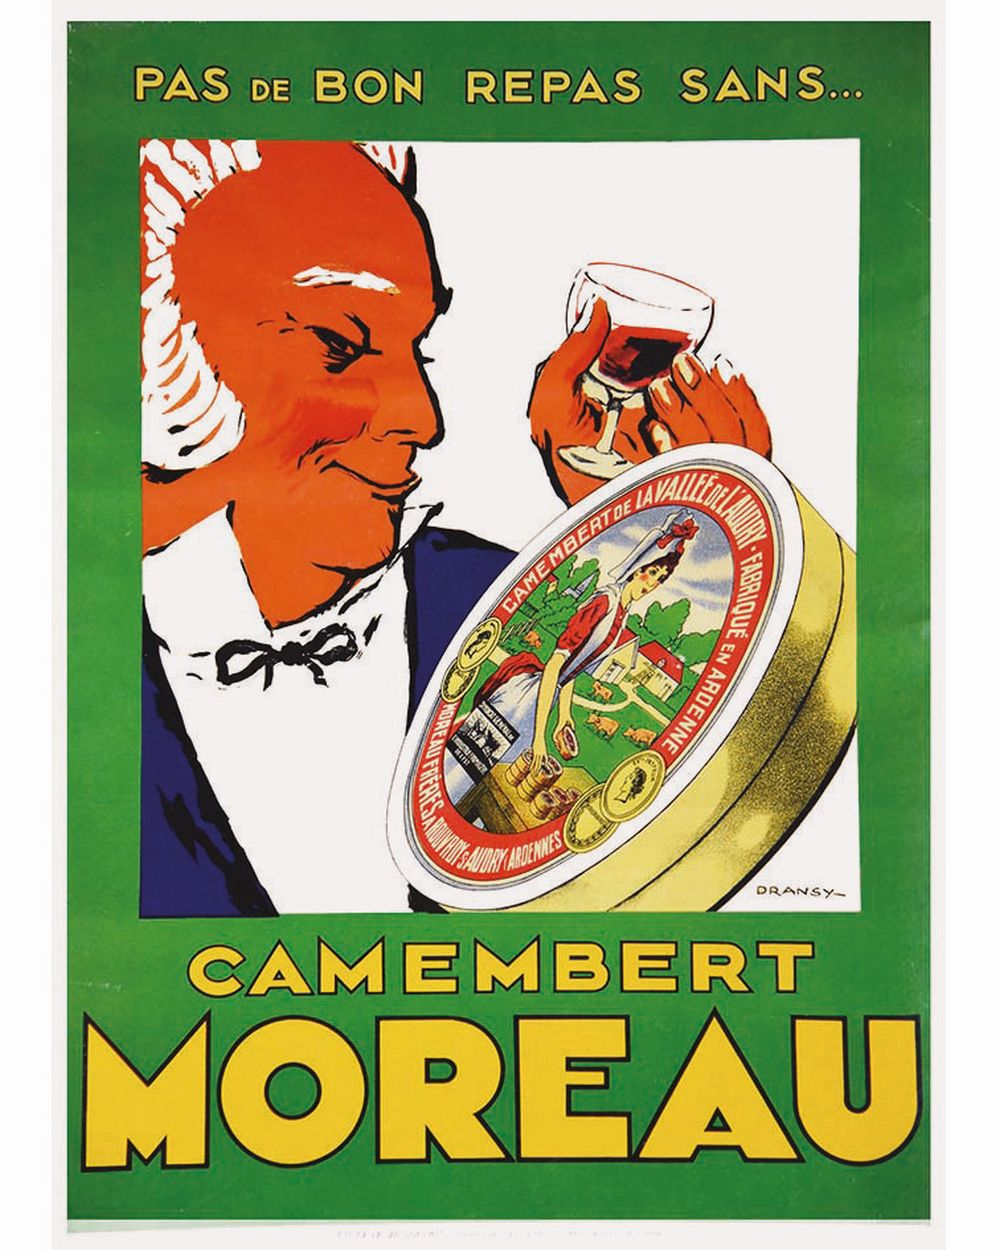 DRANSY - Camembert Moreau Fabriqué en Ardenne - Moreau Frères     vers 1930  Rouvroy-Sur-Audry (Ardennes)